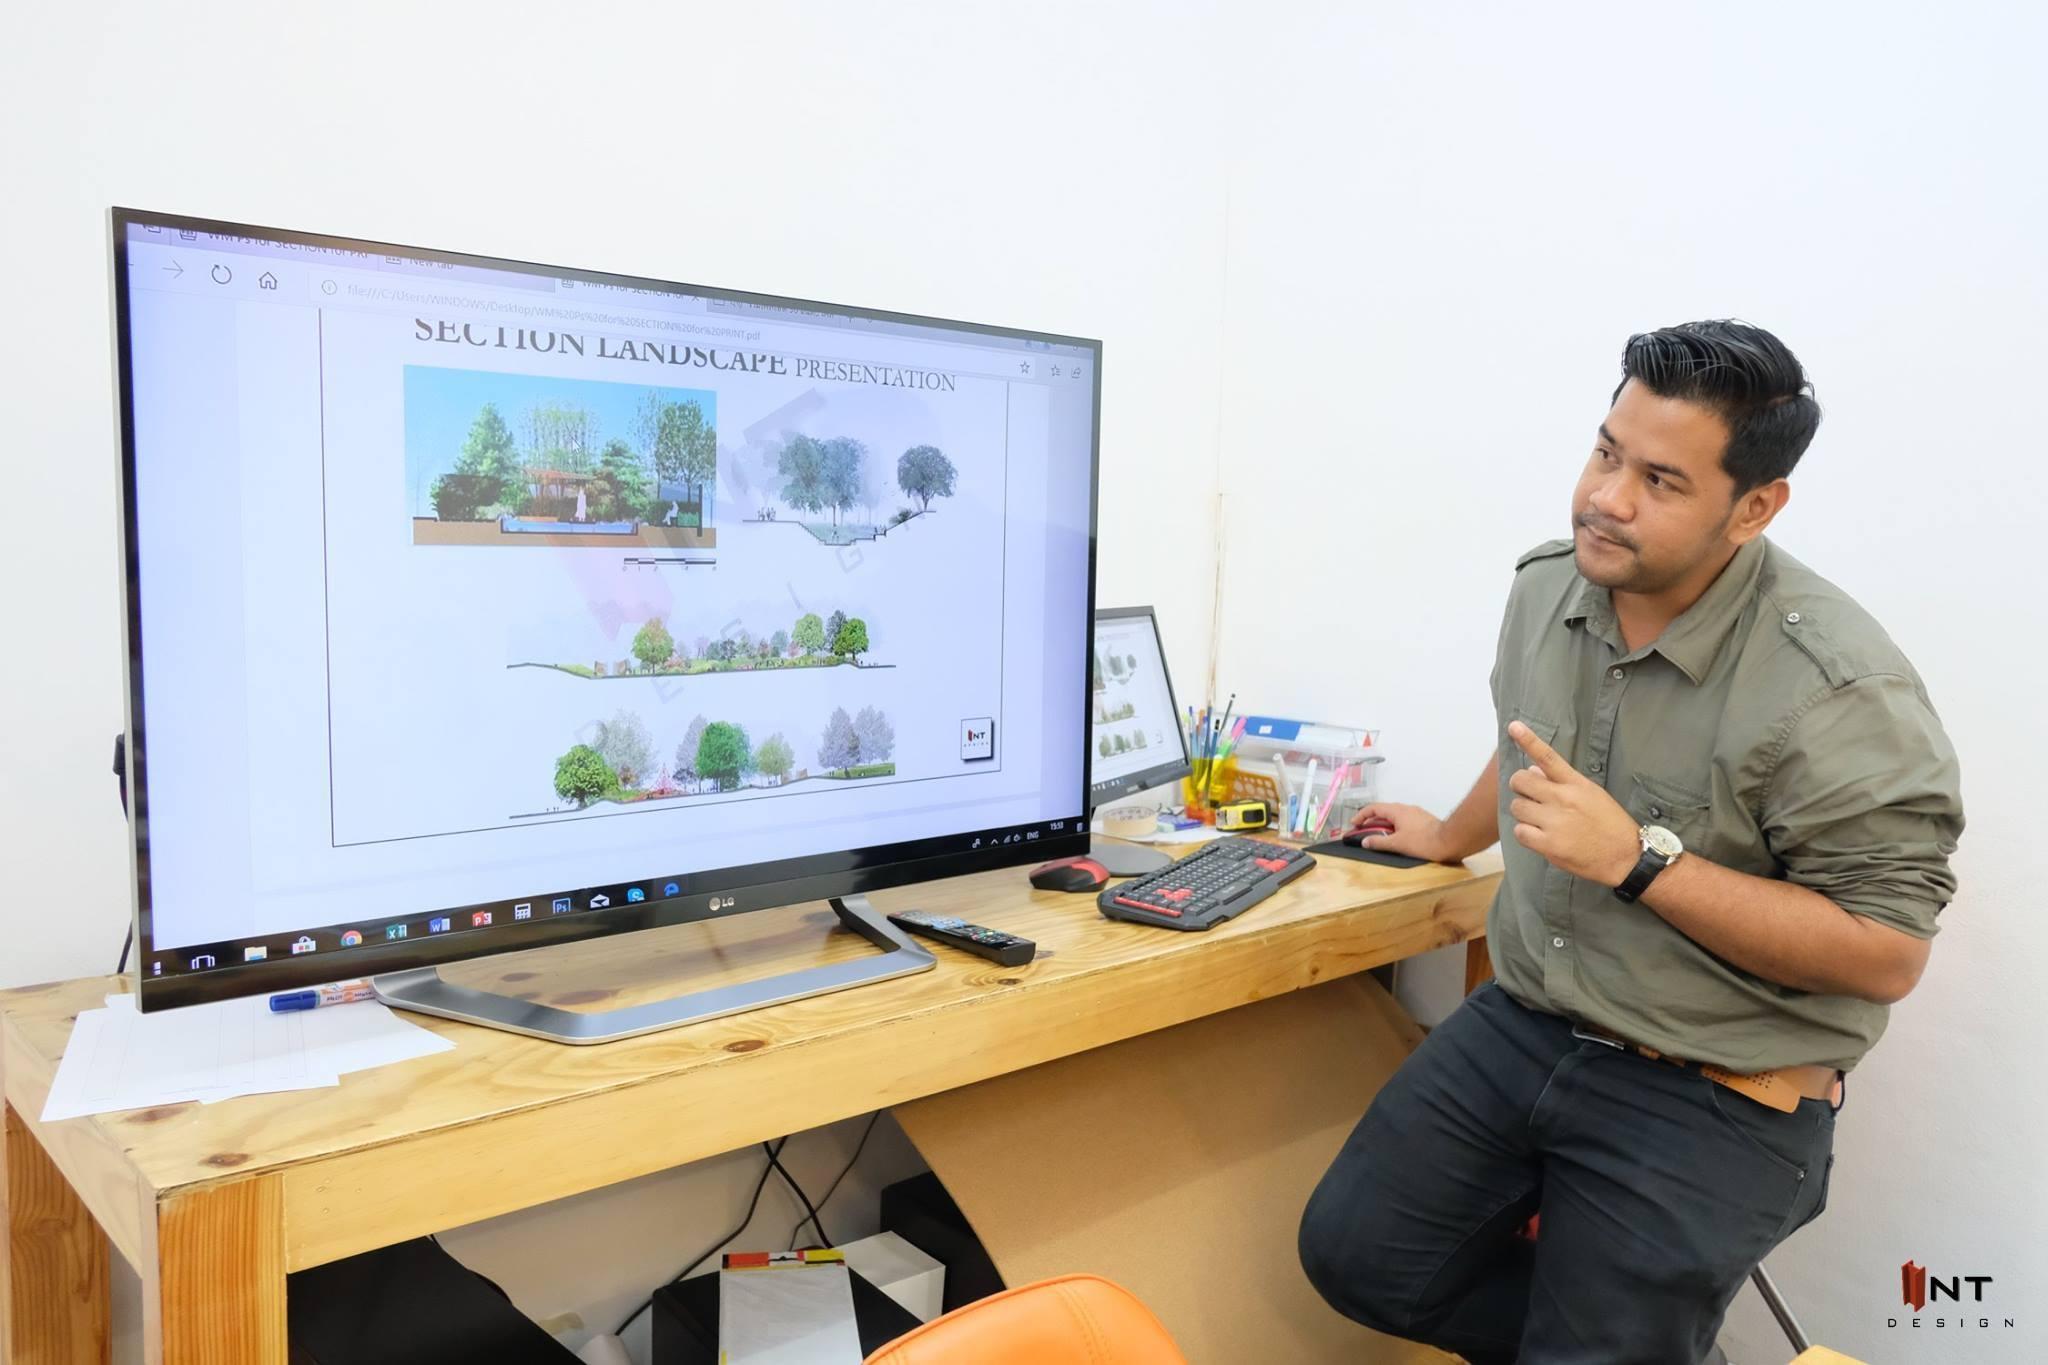 รูปคลาสเรียน landscape design-เรียน garden design-ออกแบบภูมิทัศน์-ออกแบบภายนอก-เรียนจัดสวน